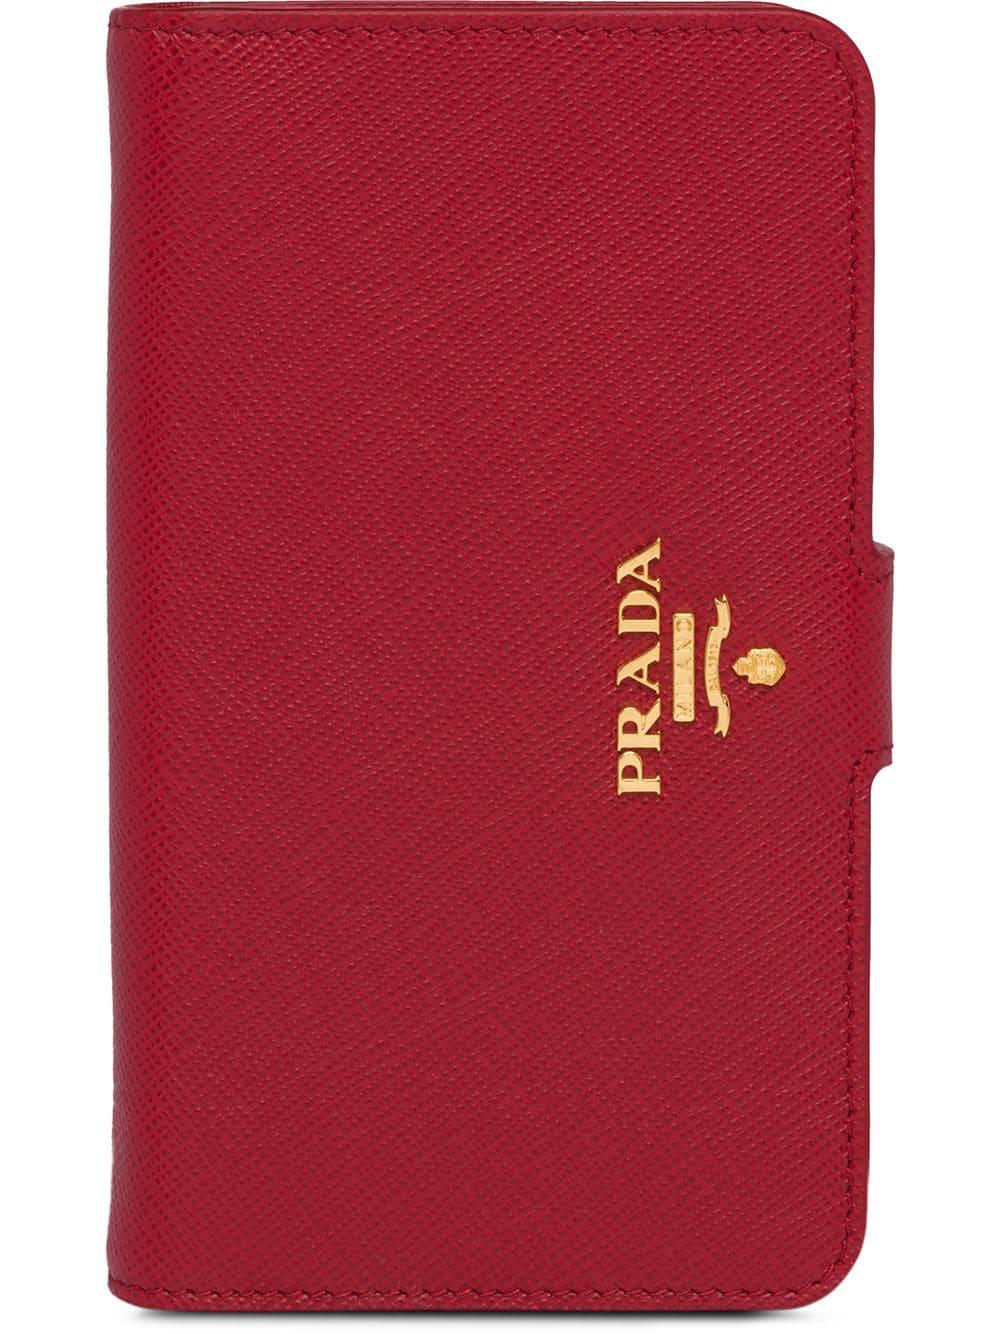 2927b1c1a8bb Prada Saffiano Iphone 7 Case - Farfetch In Red | ModeSens